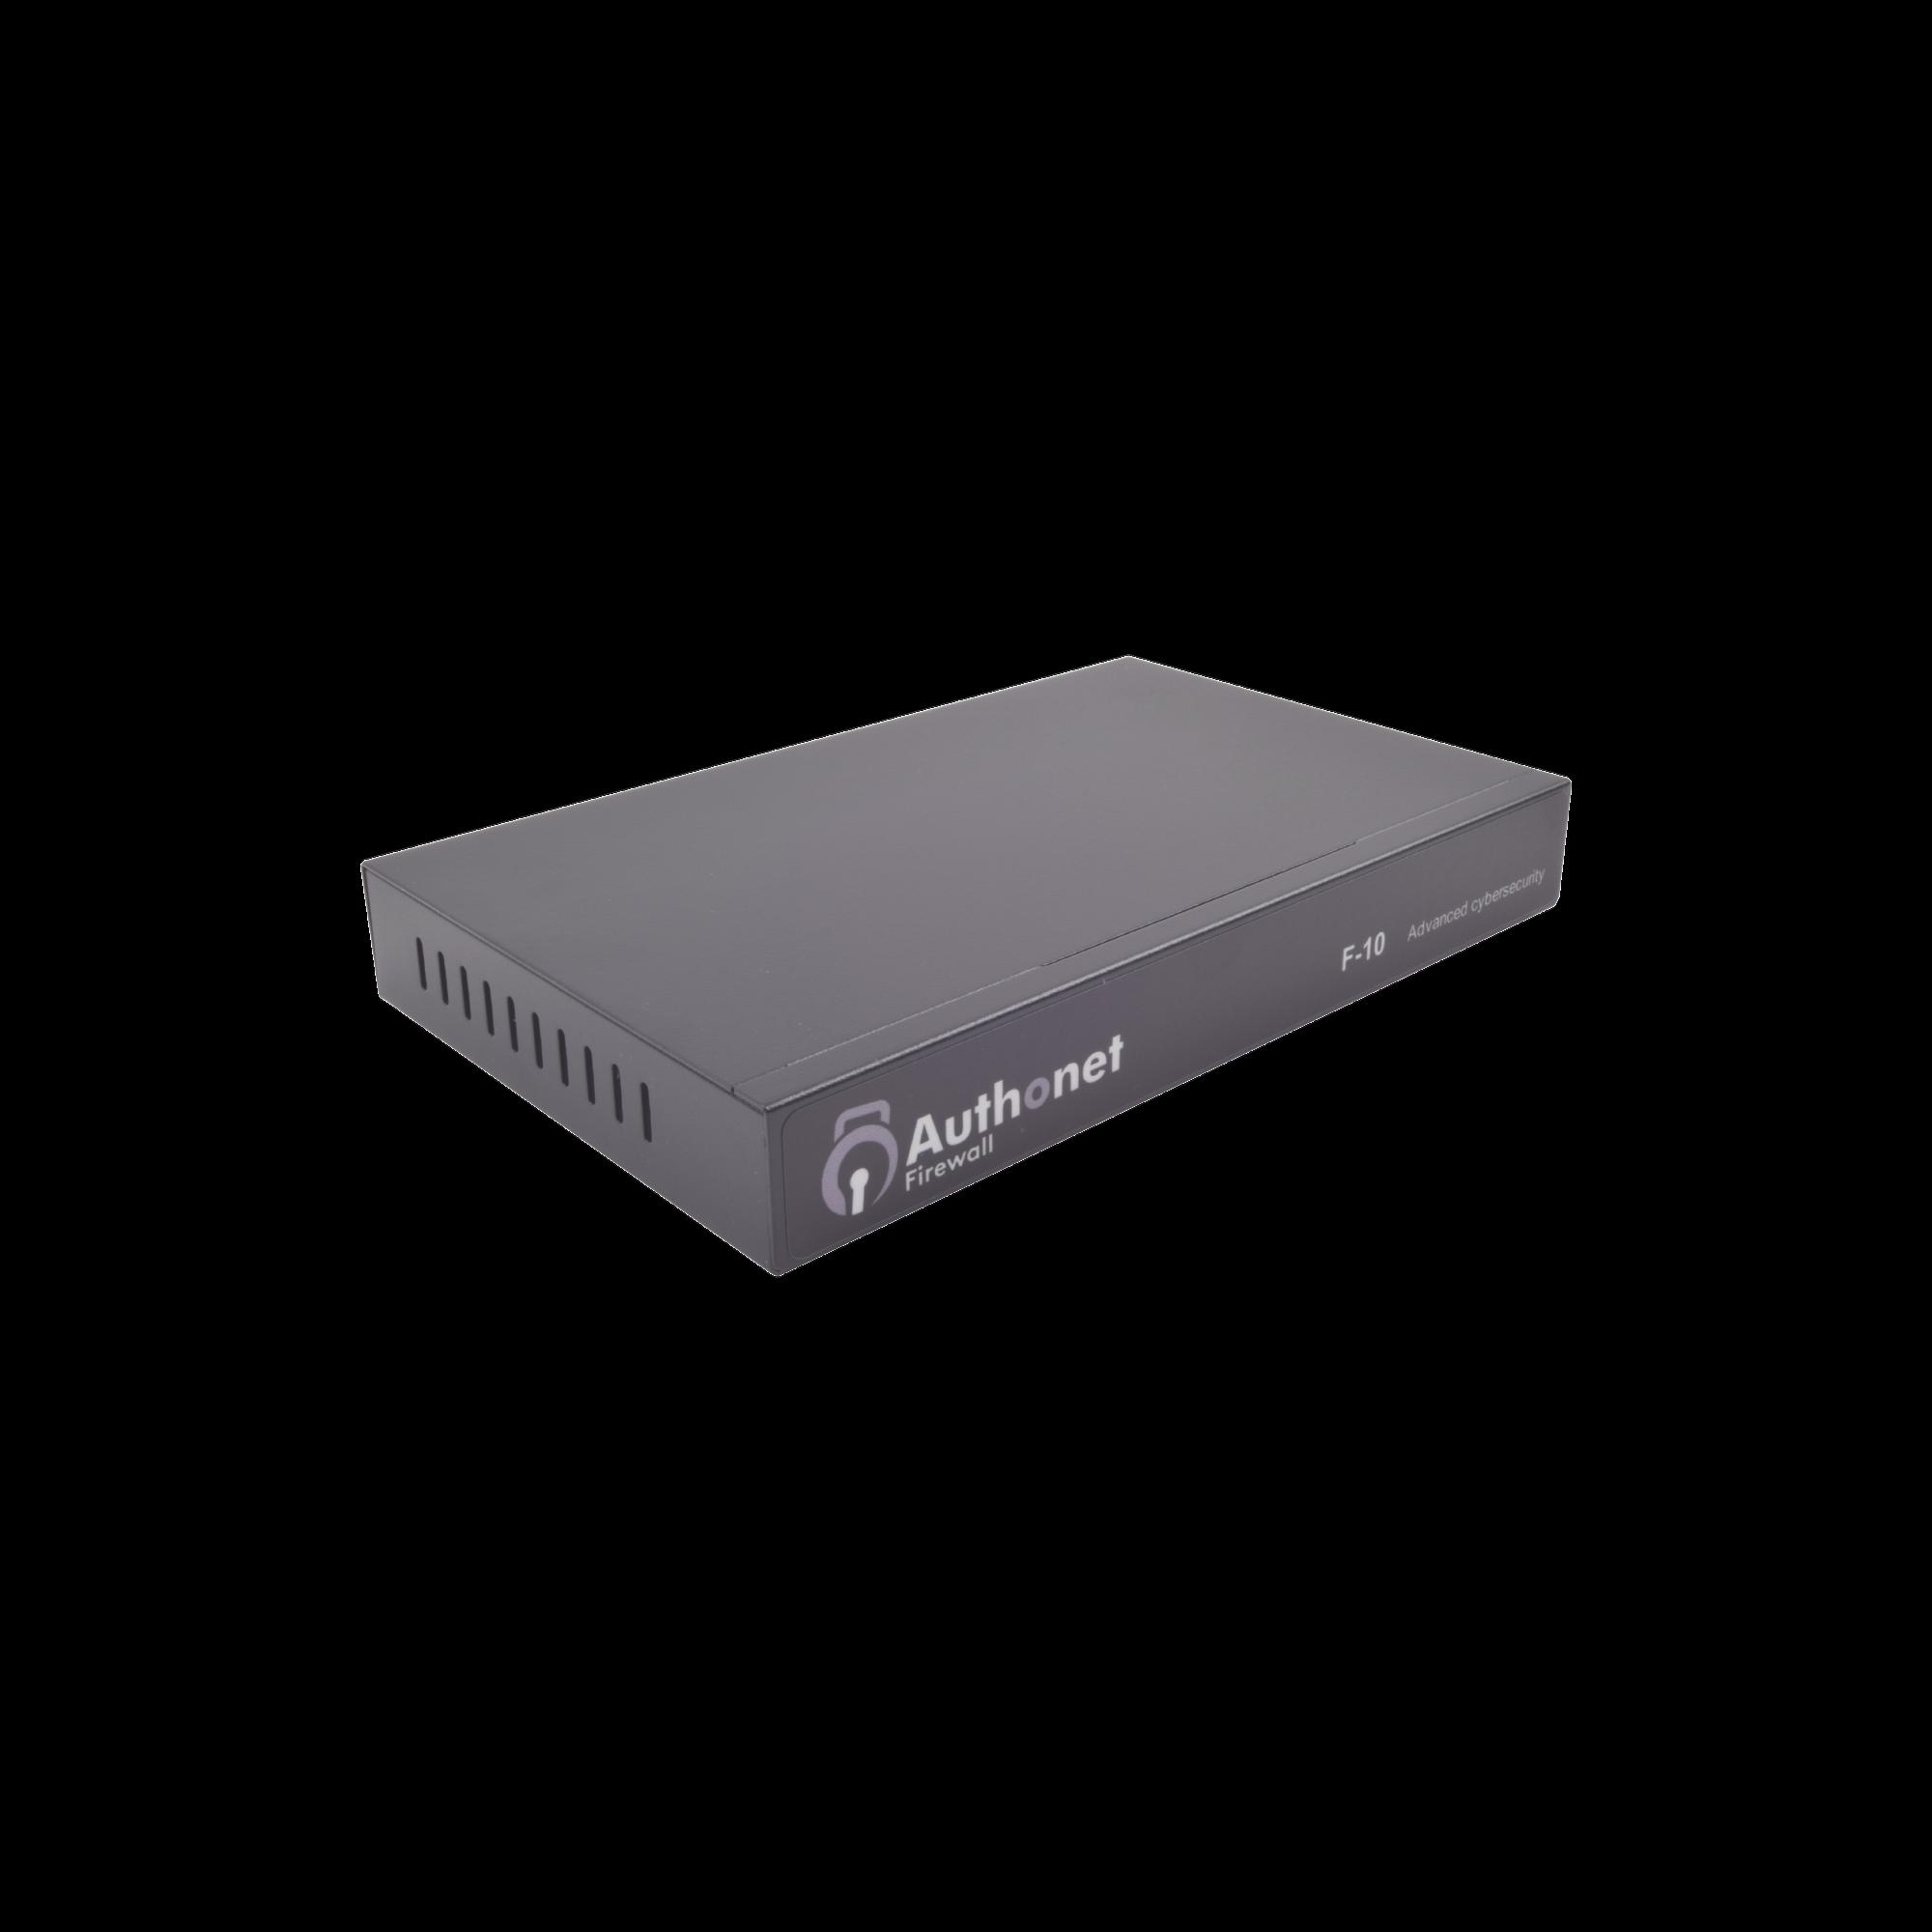 Firewall Authonet (Protección de Intrusos, Ransomware, Red Interna y WAN) Filtro de Contenidos Avanzado, Bloqueo de puertos e IP, 4 Puertos LAN